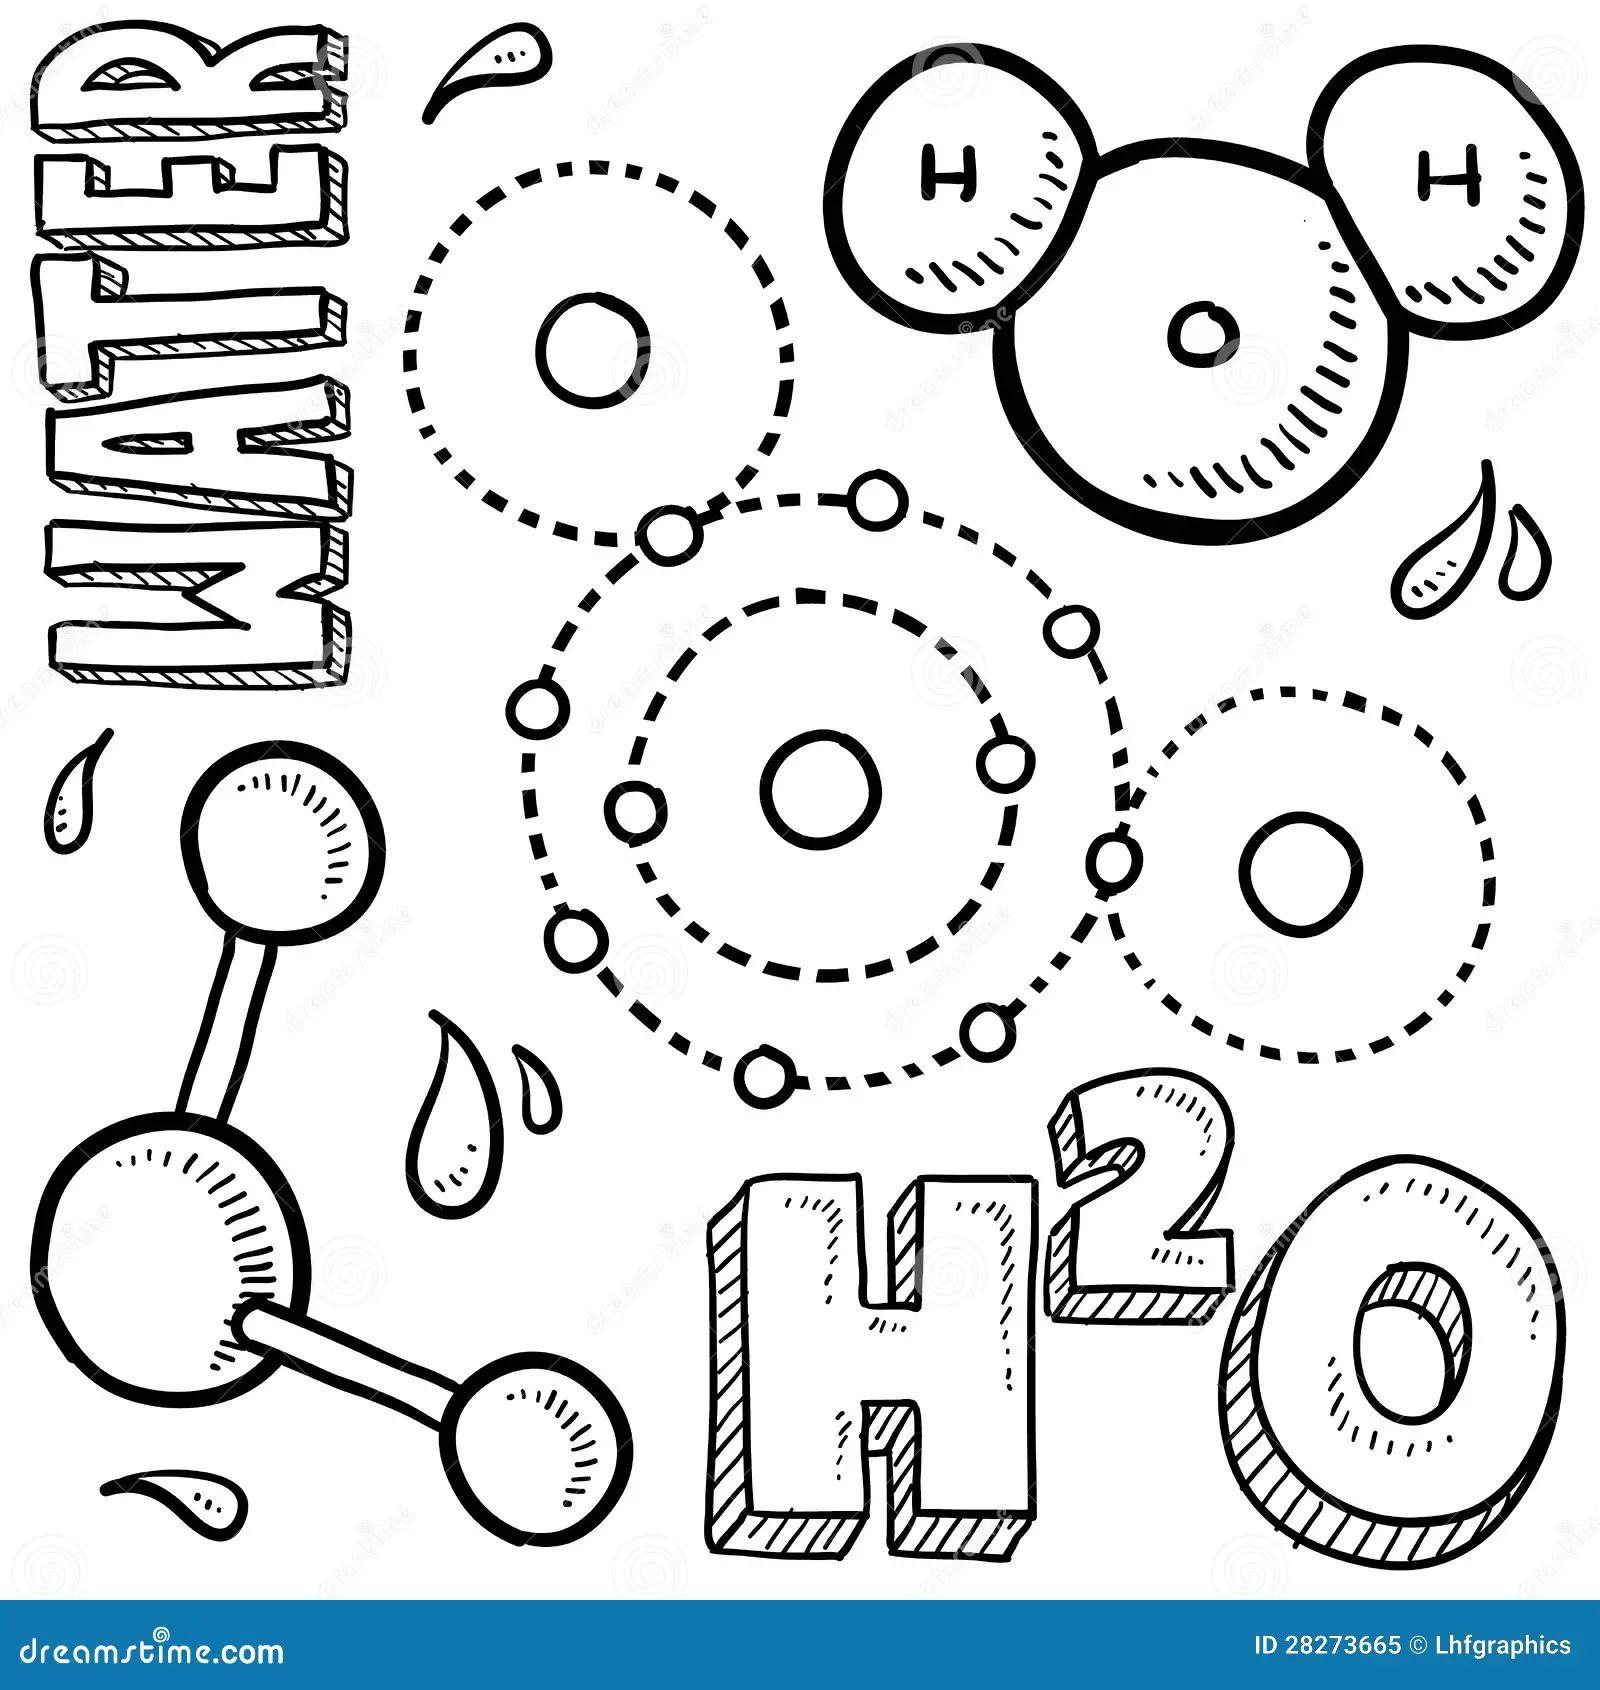 diagram of a molecule of water